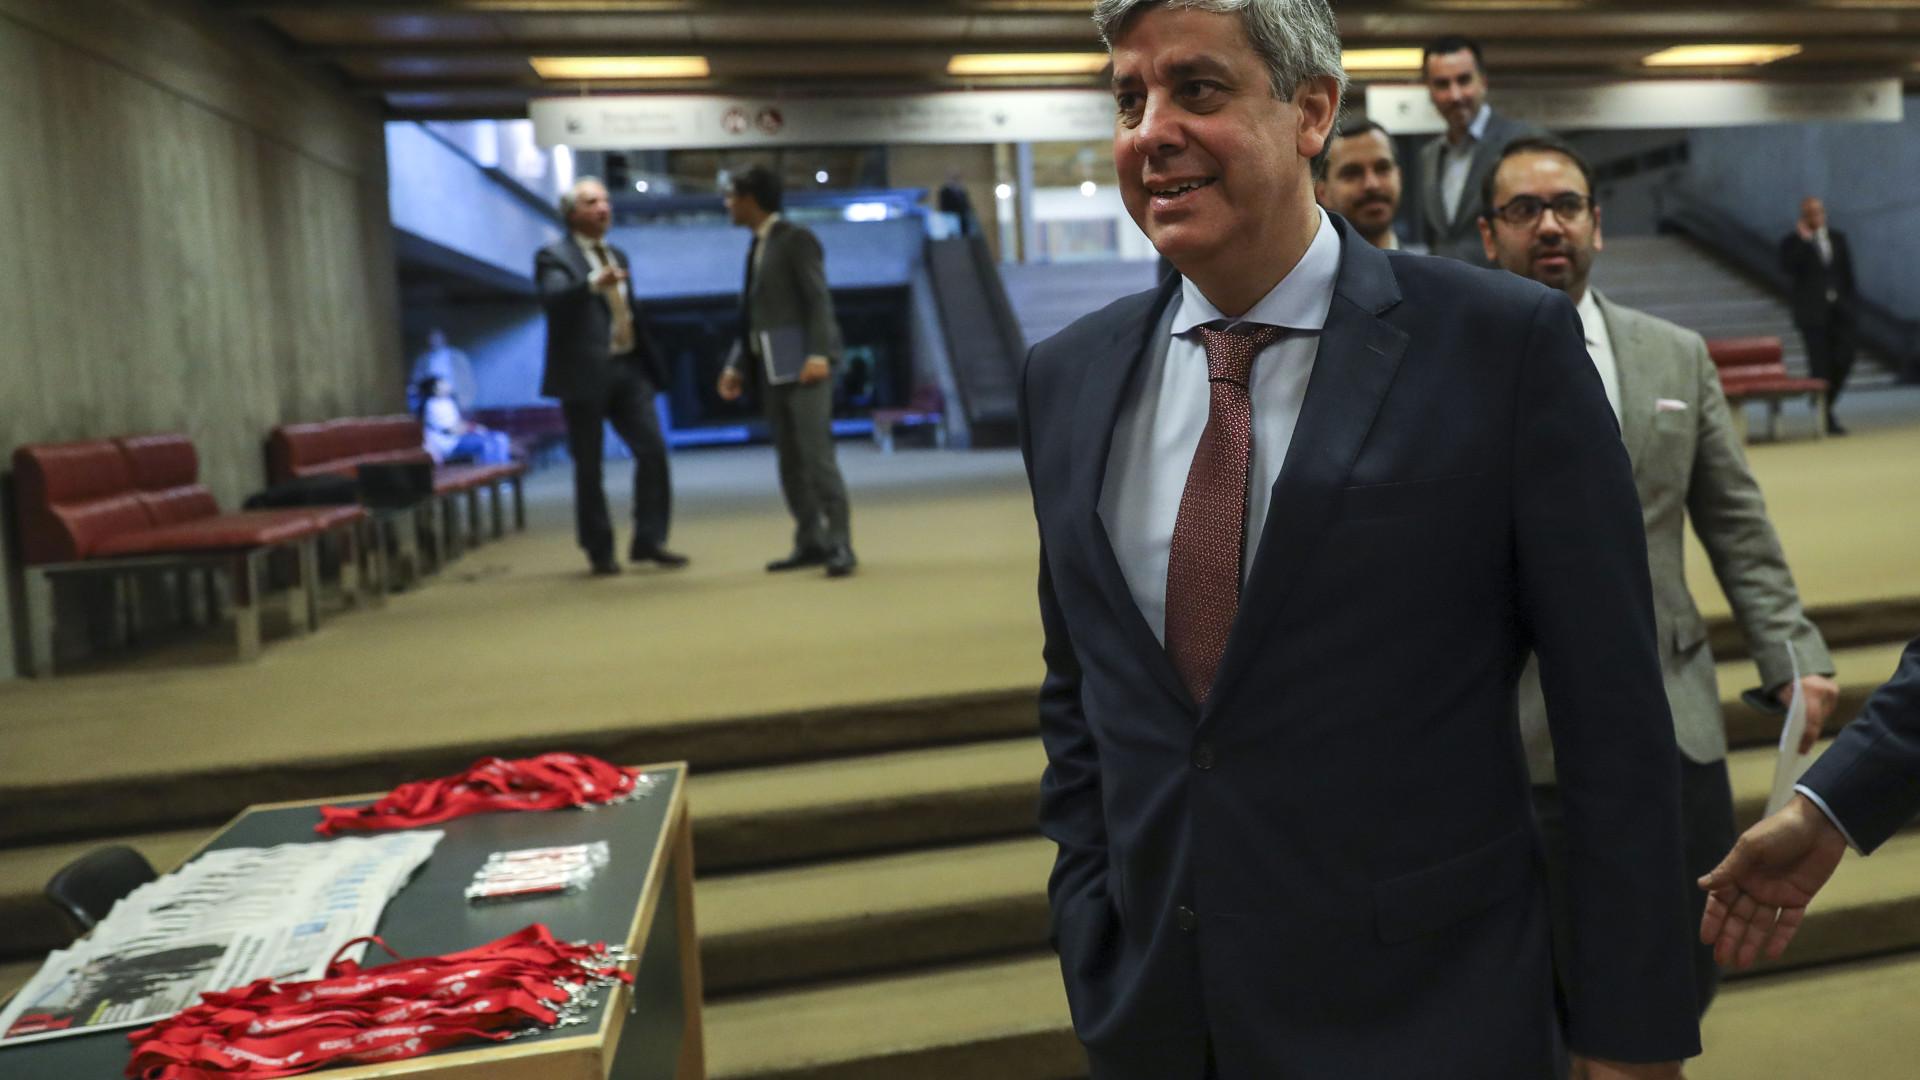 Centeno espera acordo preliminar sobre fundo dos bancos até final do mês